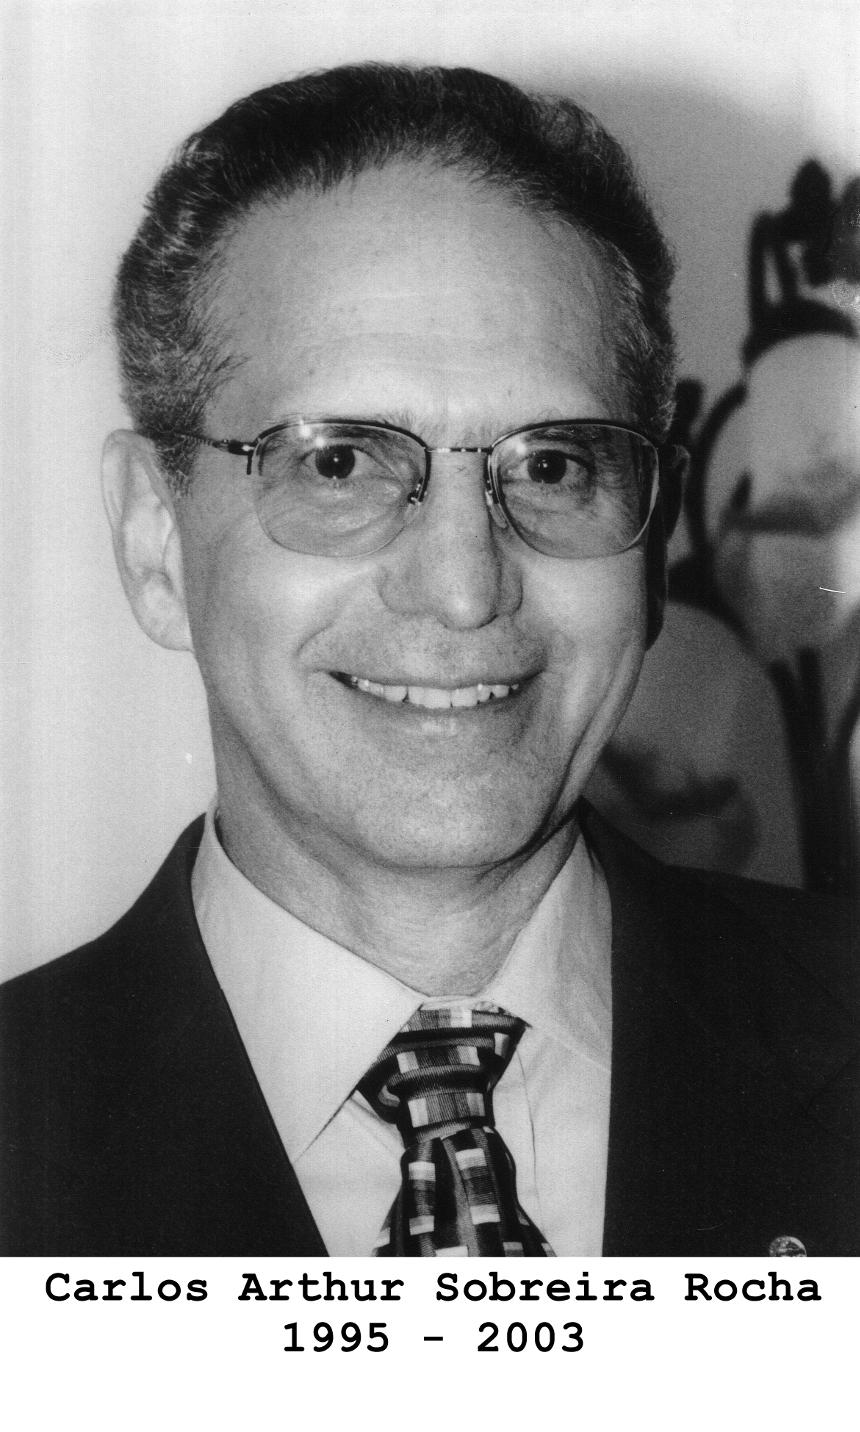 Carlos Arthur Sobreira Rocha 1995 - 2003